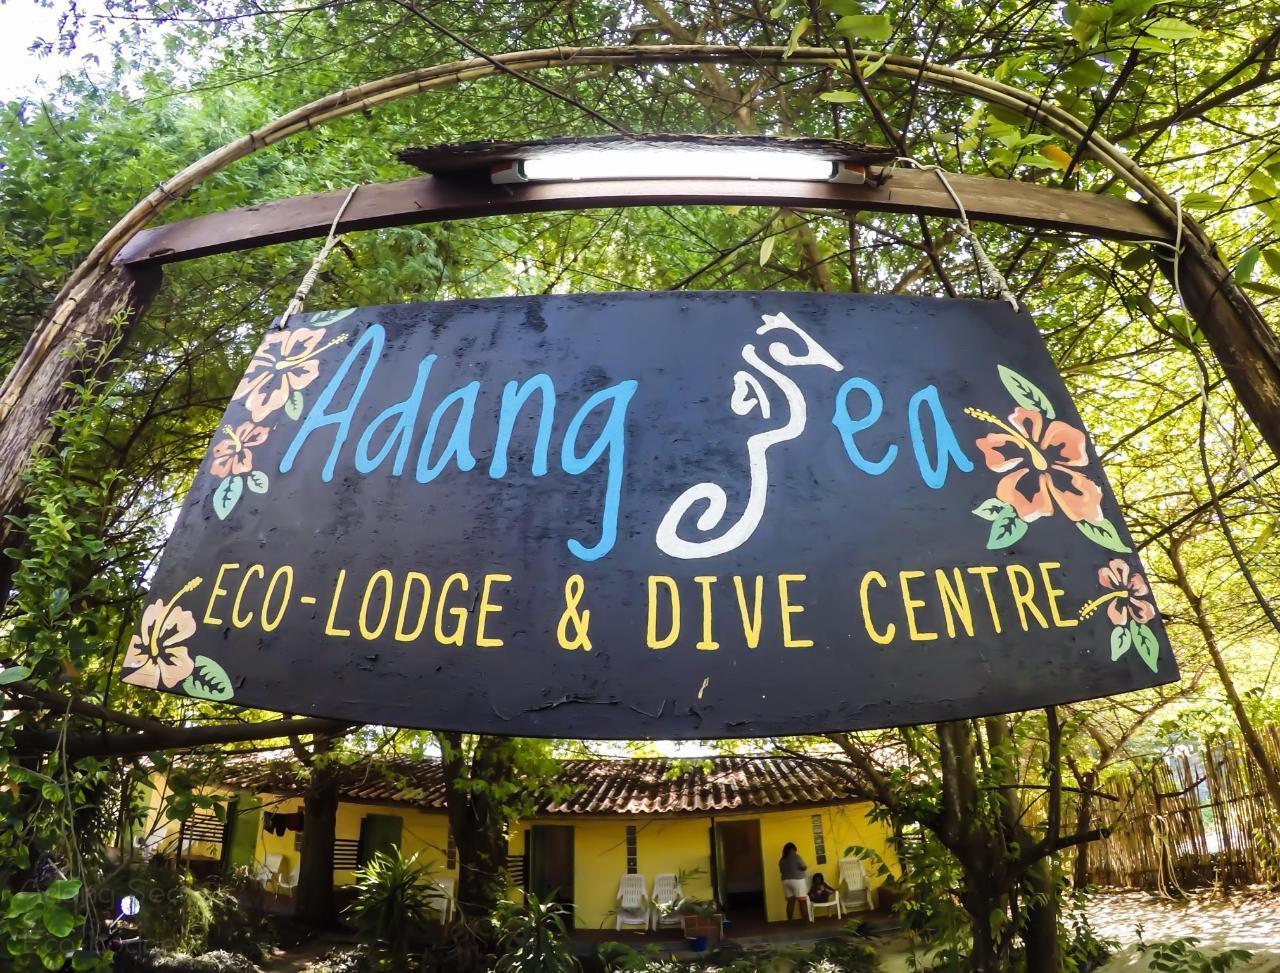 อะดังซี ไดฟ์เวอร์ แอนด์ อีโคลอดจ์ (Adang Sea Divers & Eco Lodge)